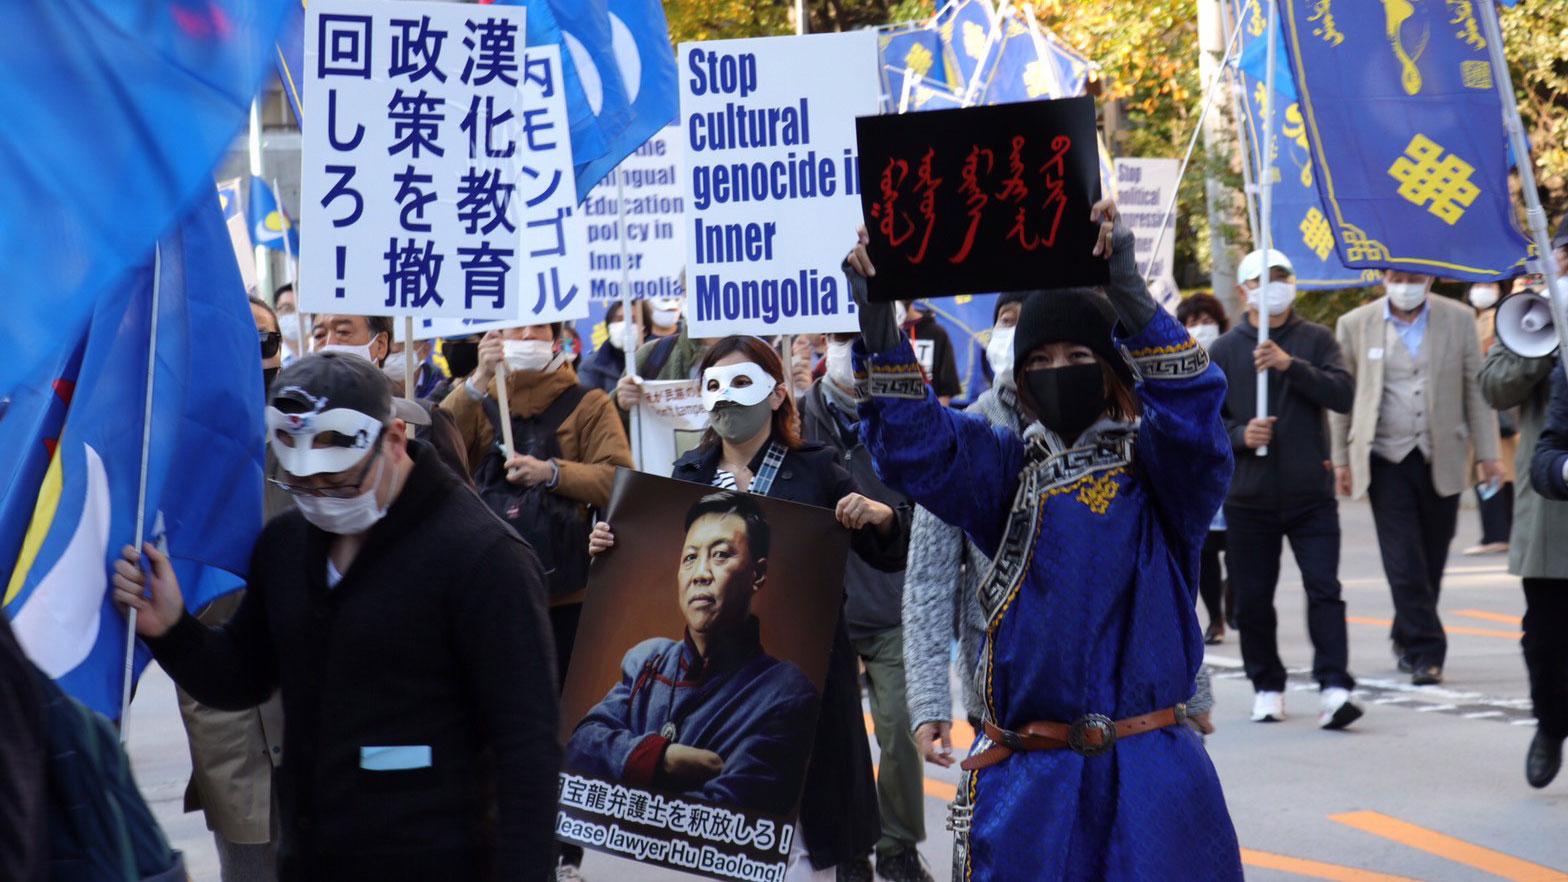 来自各地的海外蒙古族人在东京游行抗议。(参与者提供/记者乔龙)